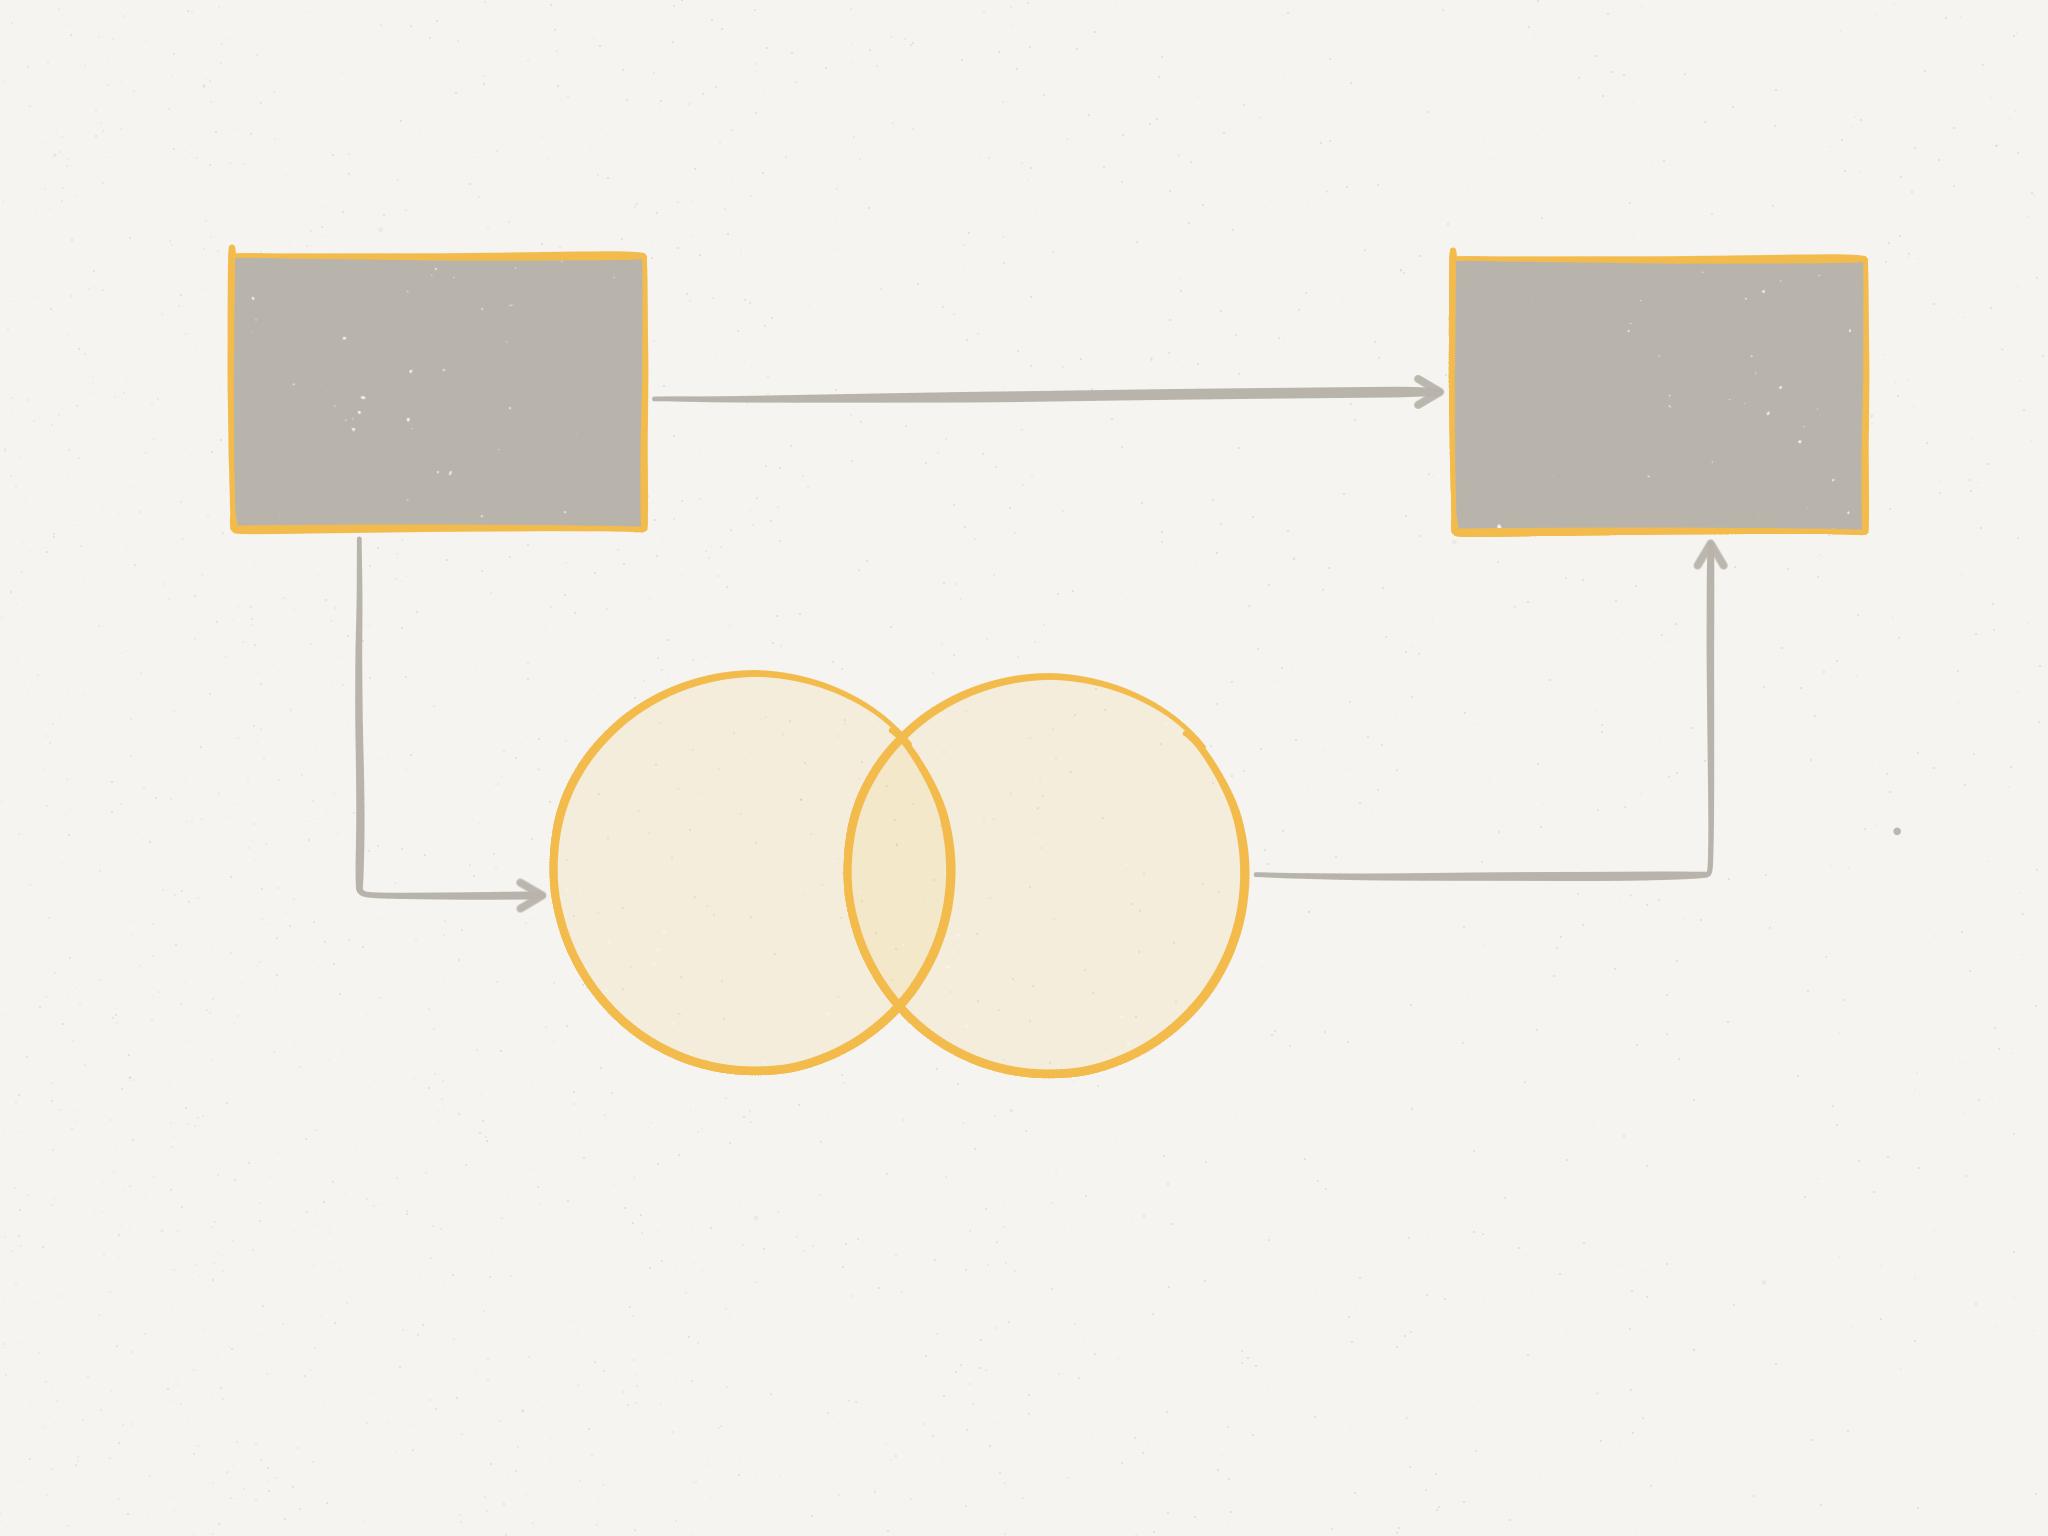 Ausgezeichnet Motorausfall Diagramm Bilder - Schaltplan Serie ...